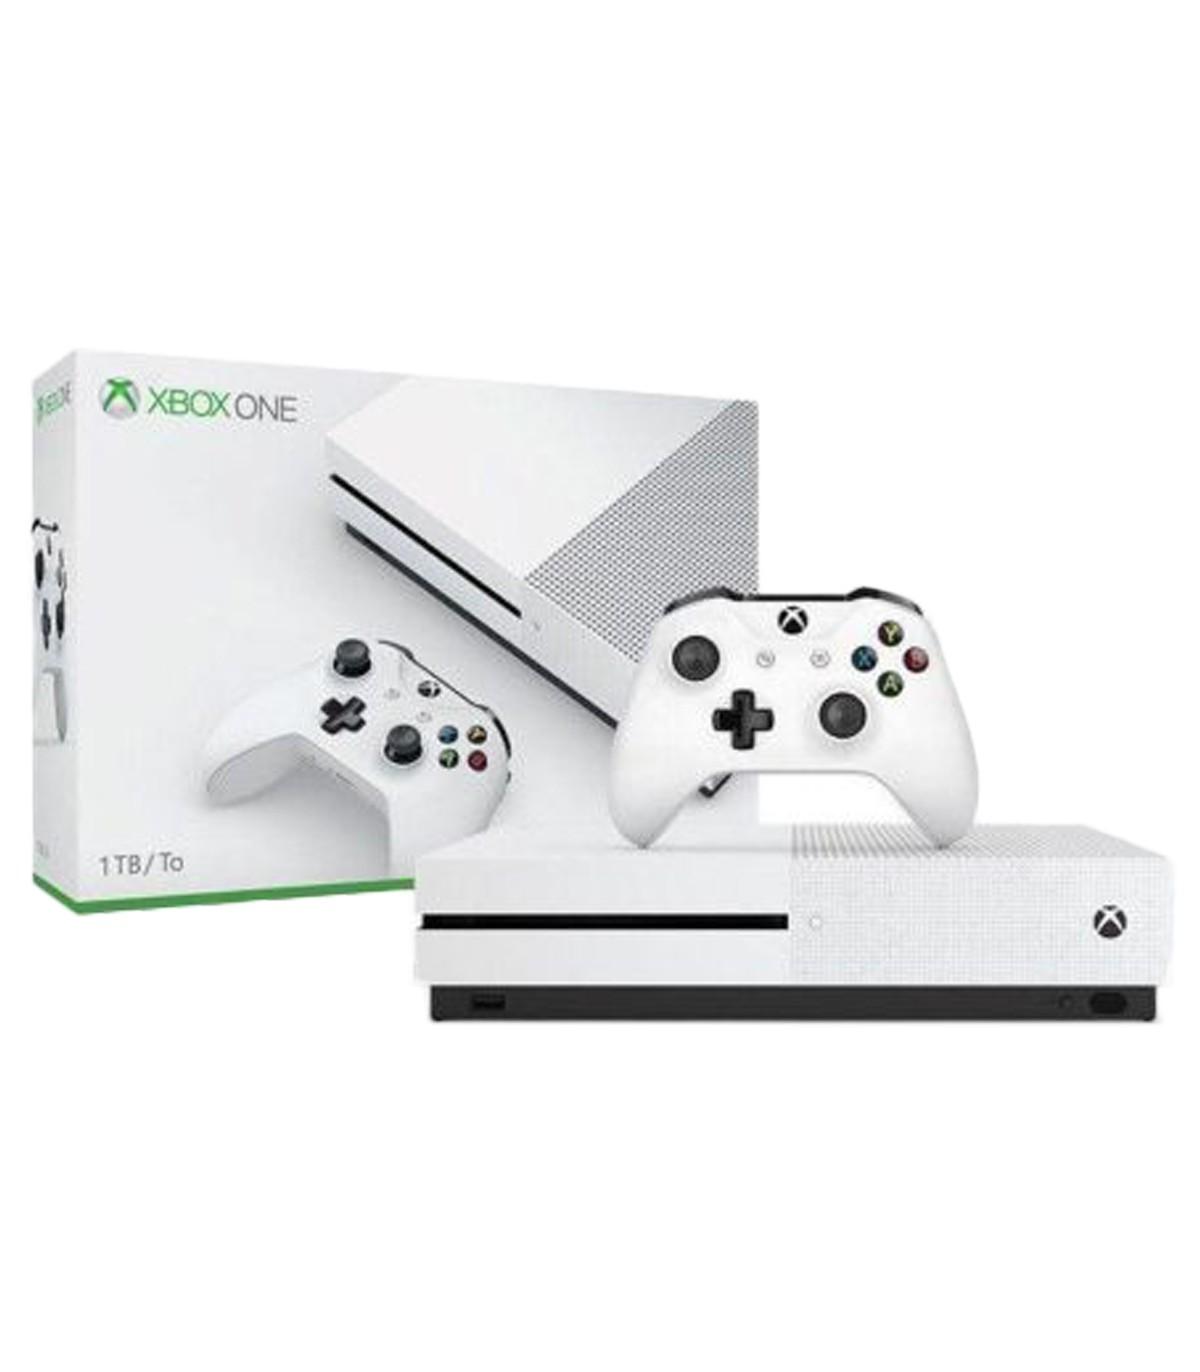 کنسول بازی Xbox One S ظرفیت 1 ترابایت نسخه کپی خور